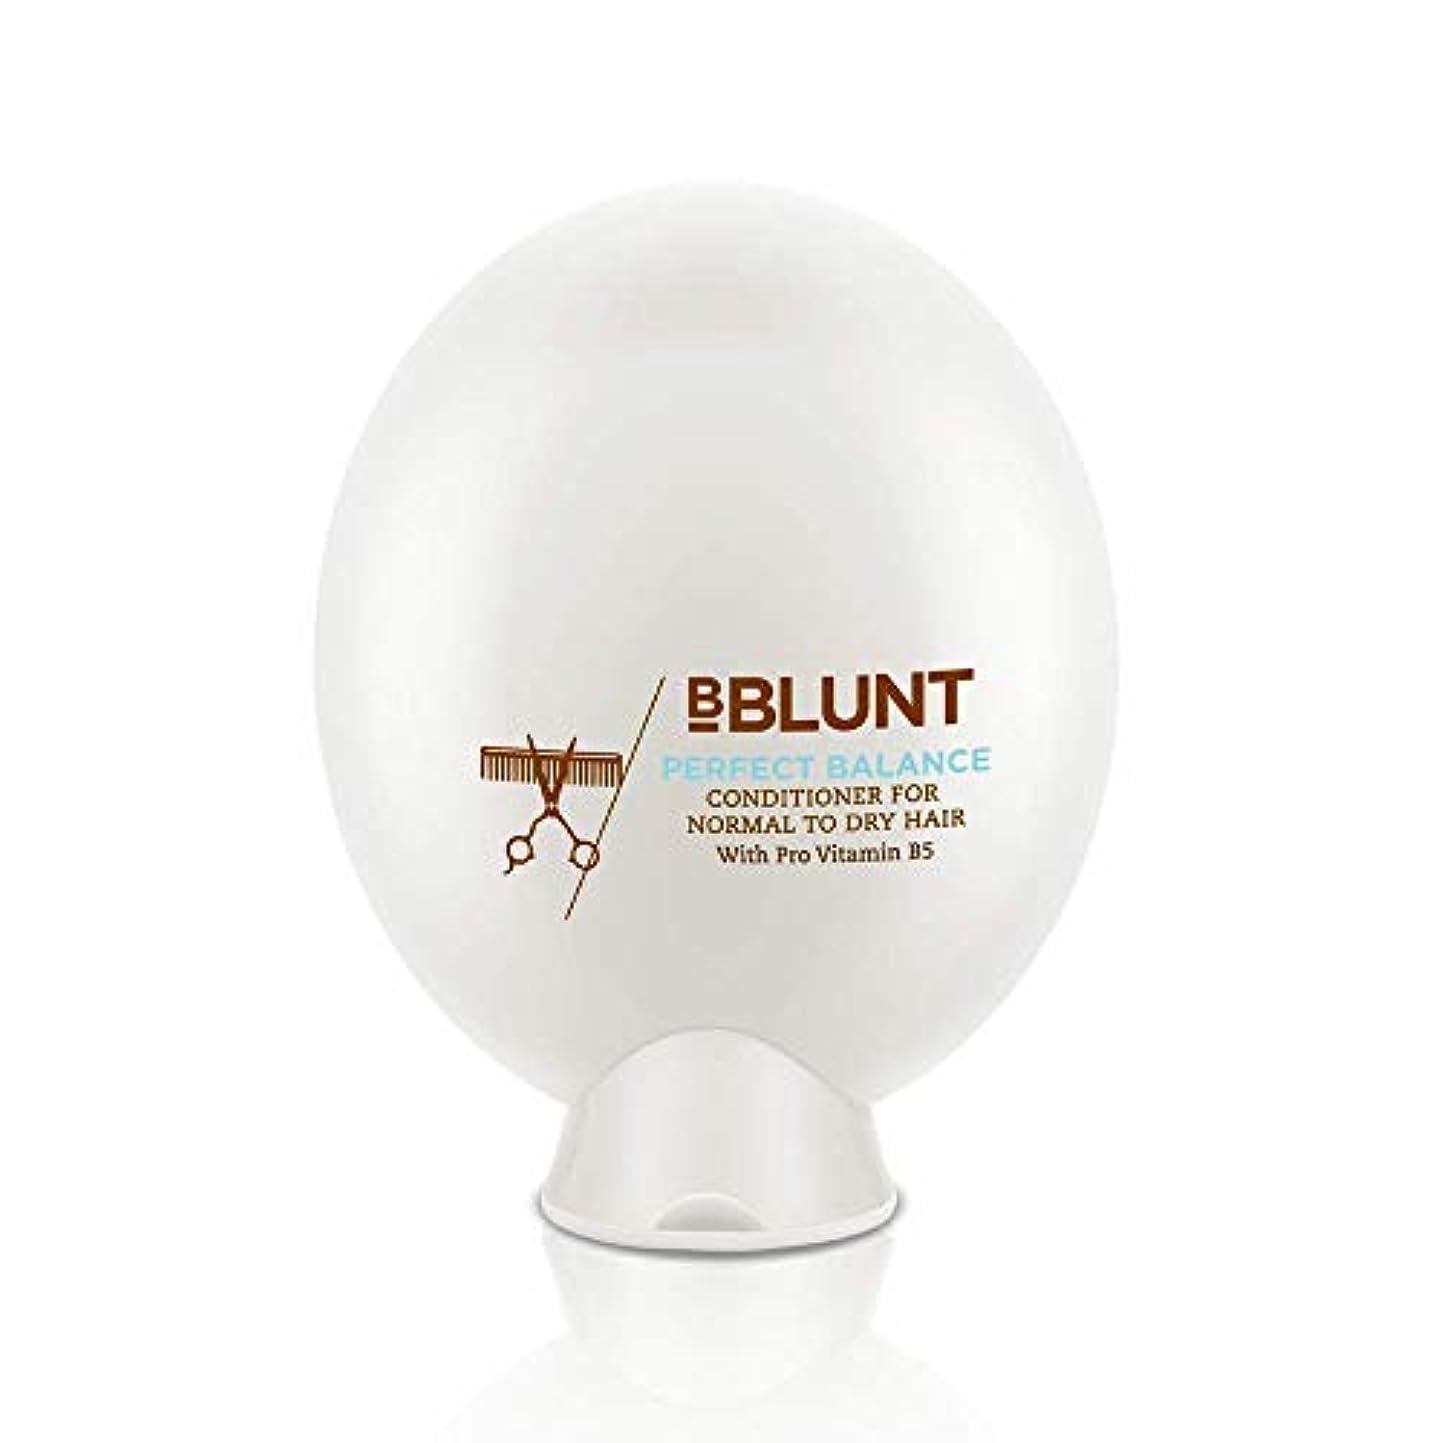 エンティティミシン目作曲するBBLUNT Perfect Balance Conditioner for Normal To Dry Hair, 200g (Provitamin B5)